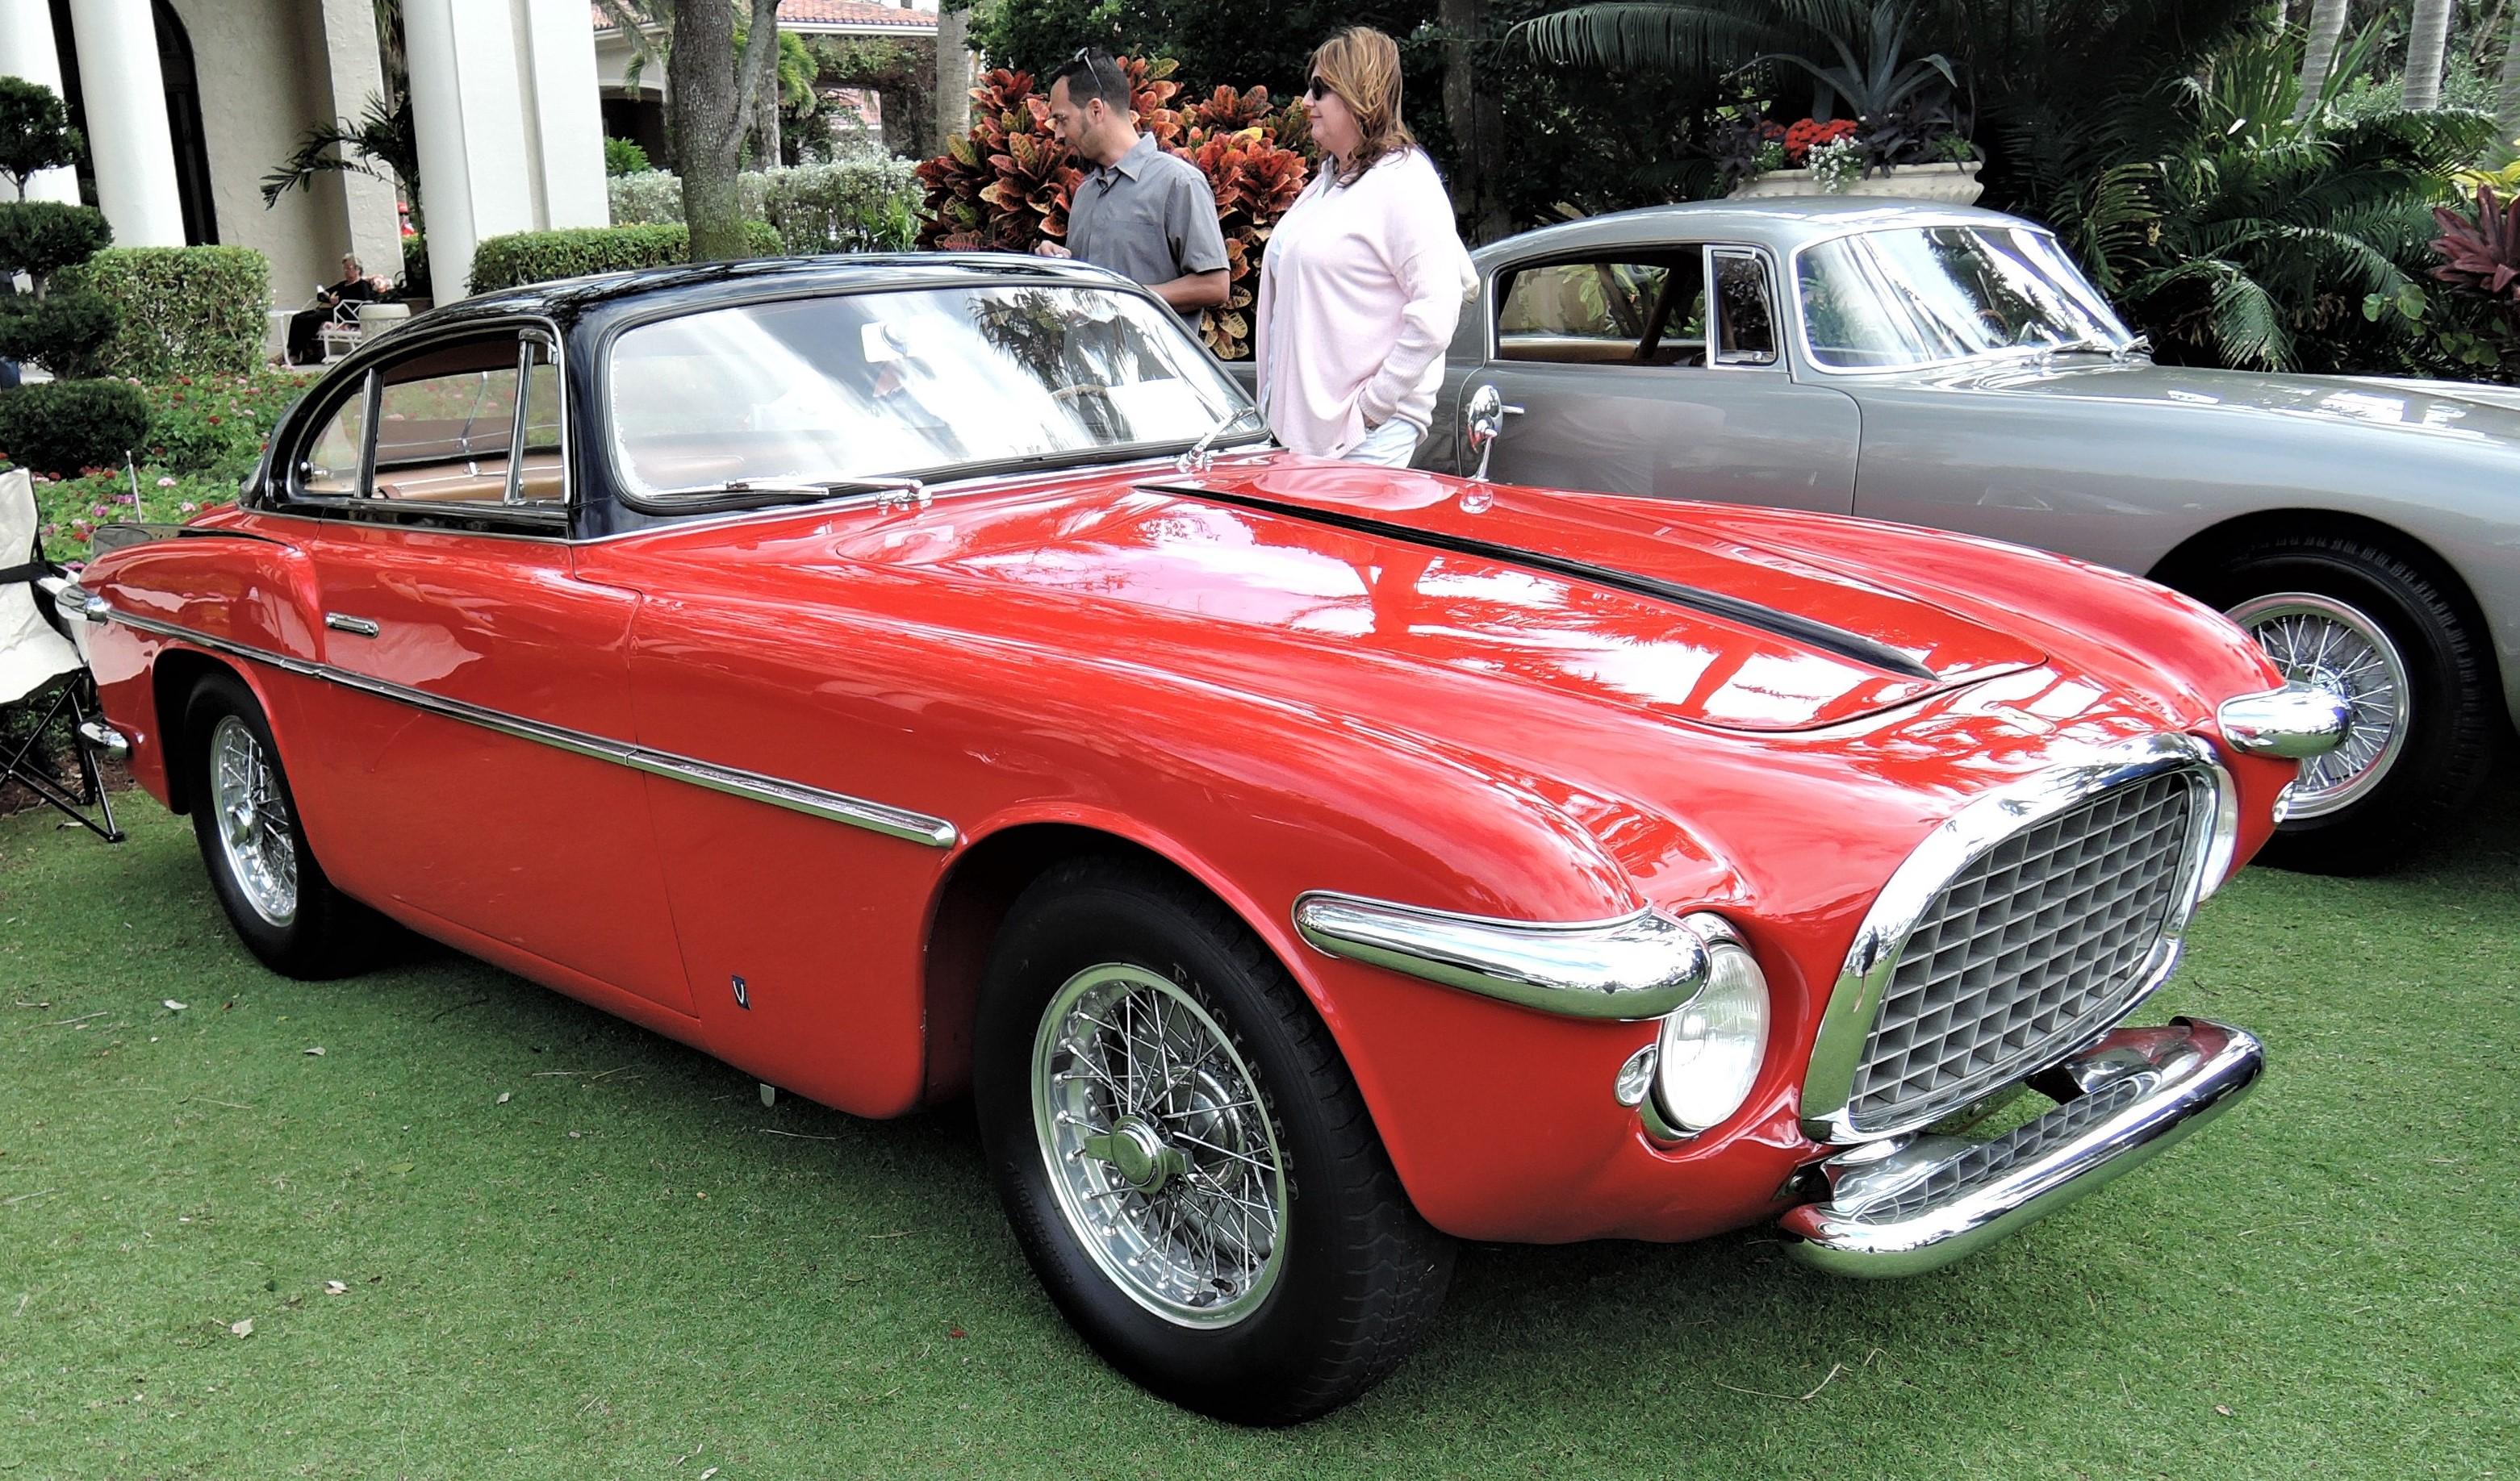 red 1953 Ferrari 212 Inter Coupe Vignale; Sn 0285 EU - Cavallino 2018 Concours